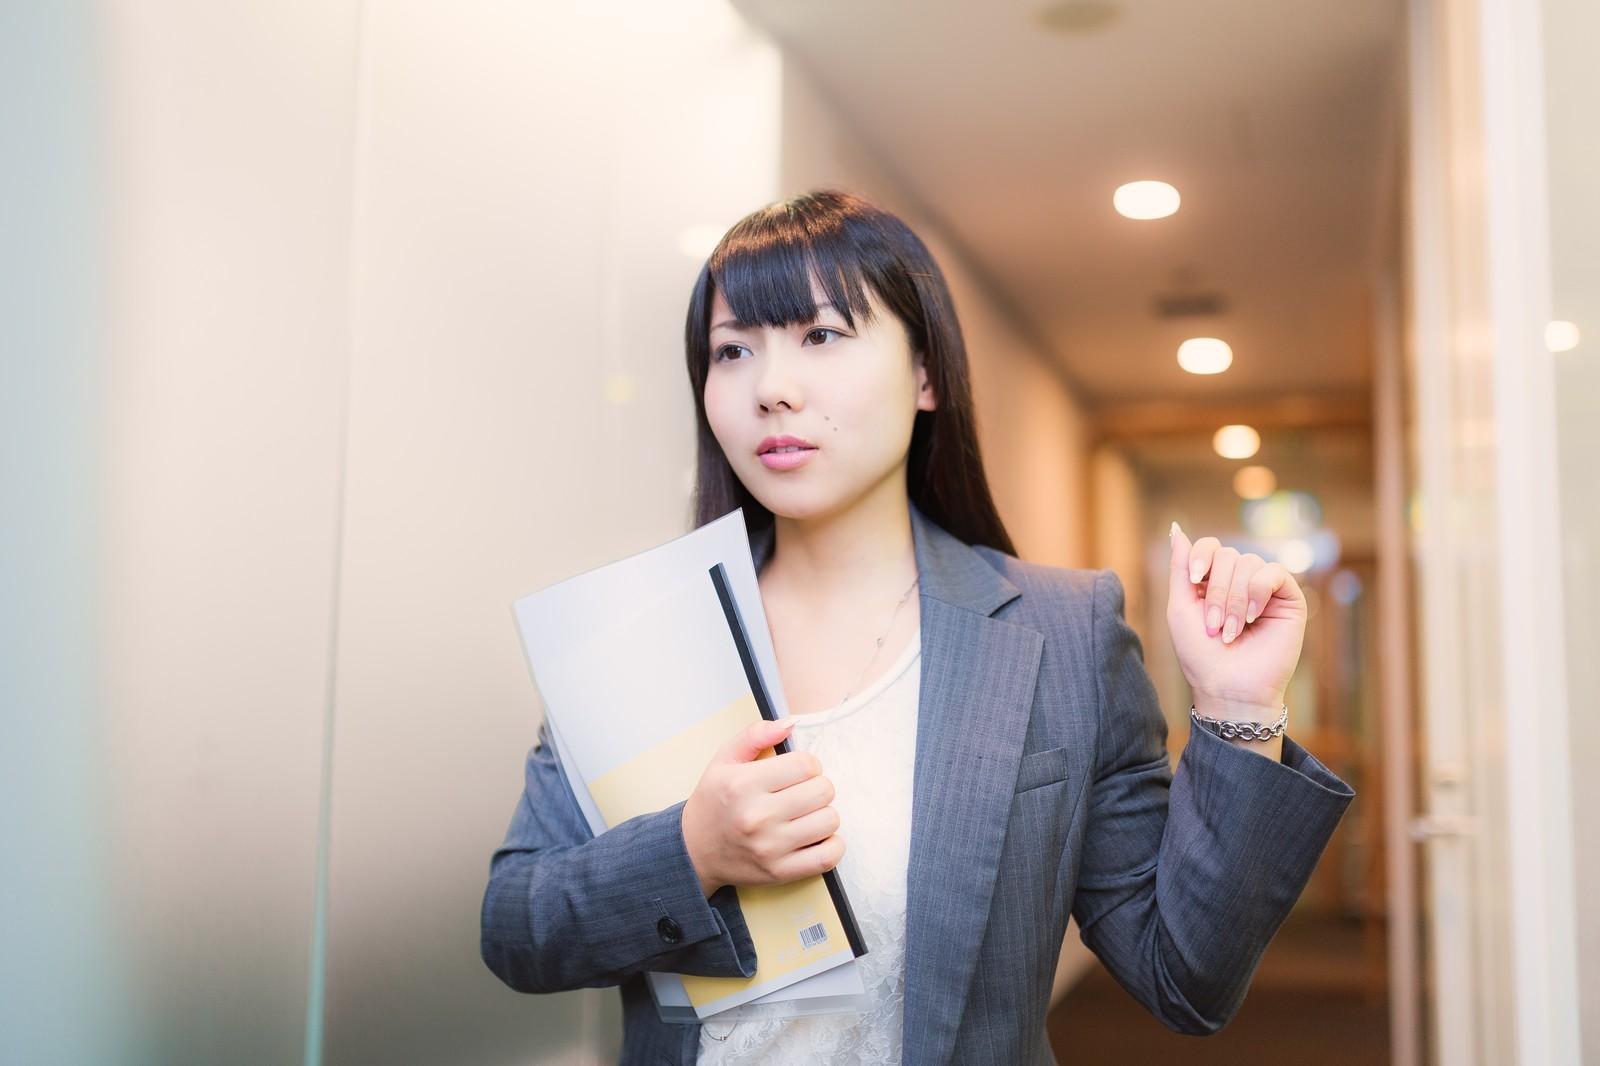 30歳を超えてからの女性の転職は厳しい?成功させるにはどうする?